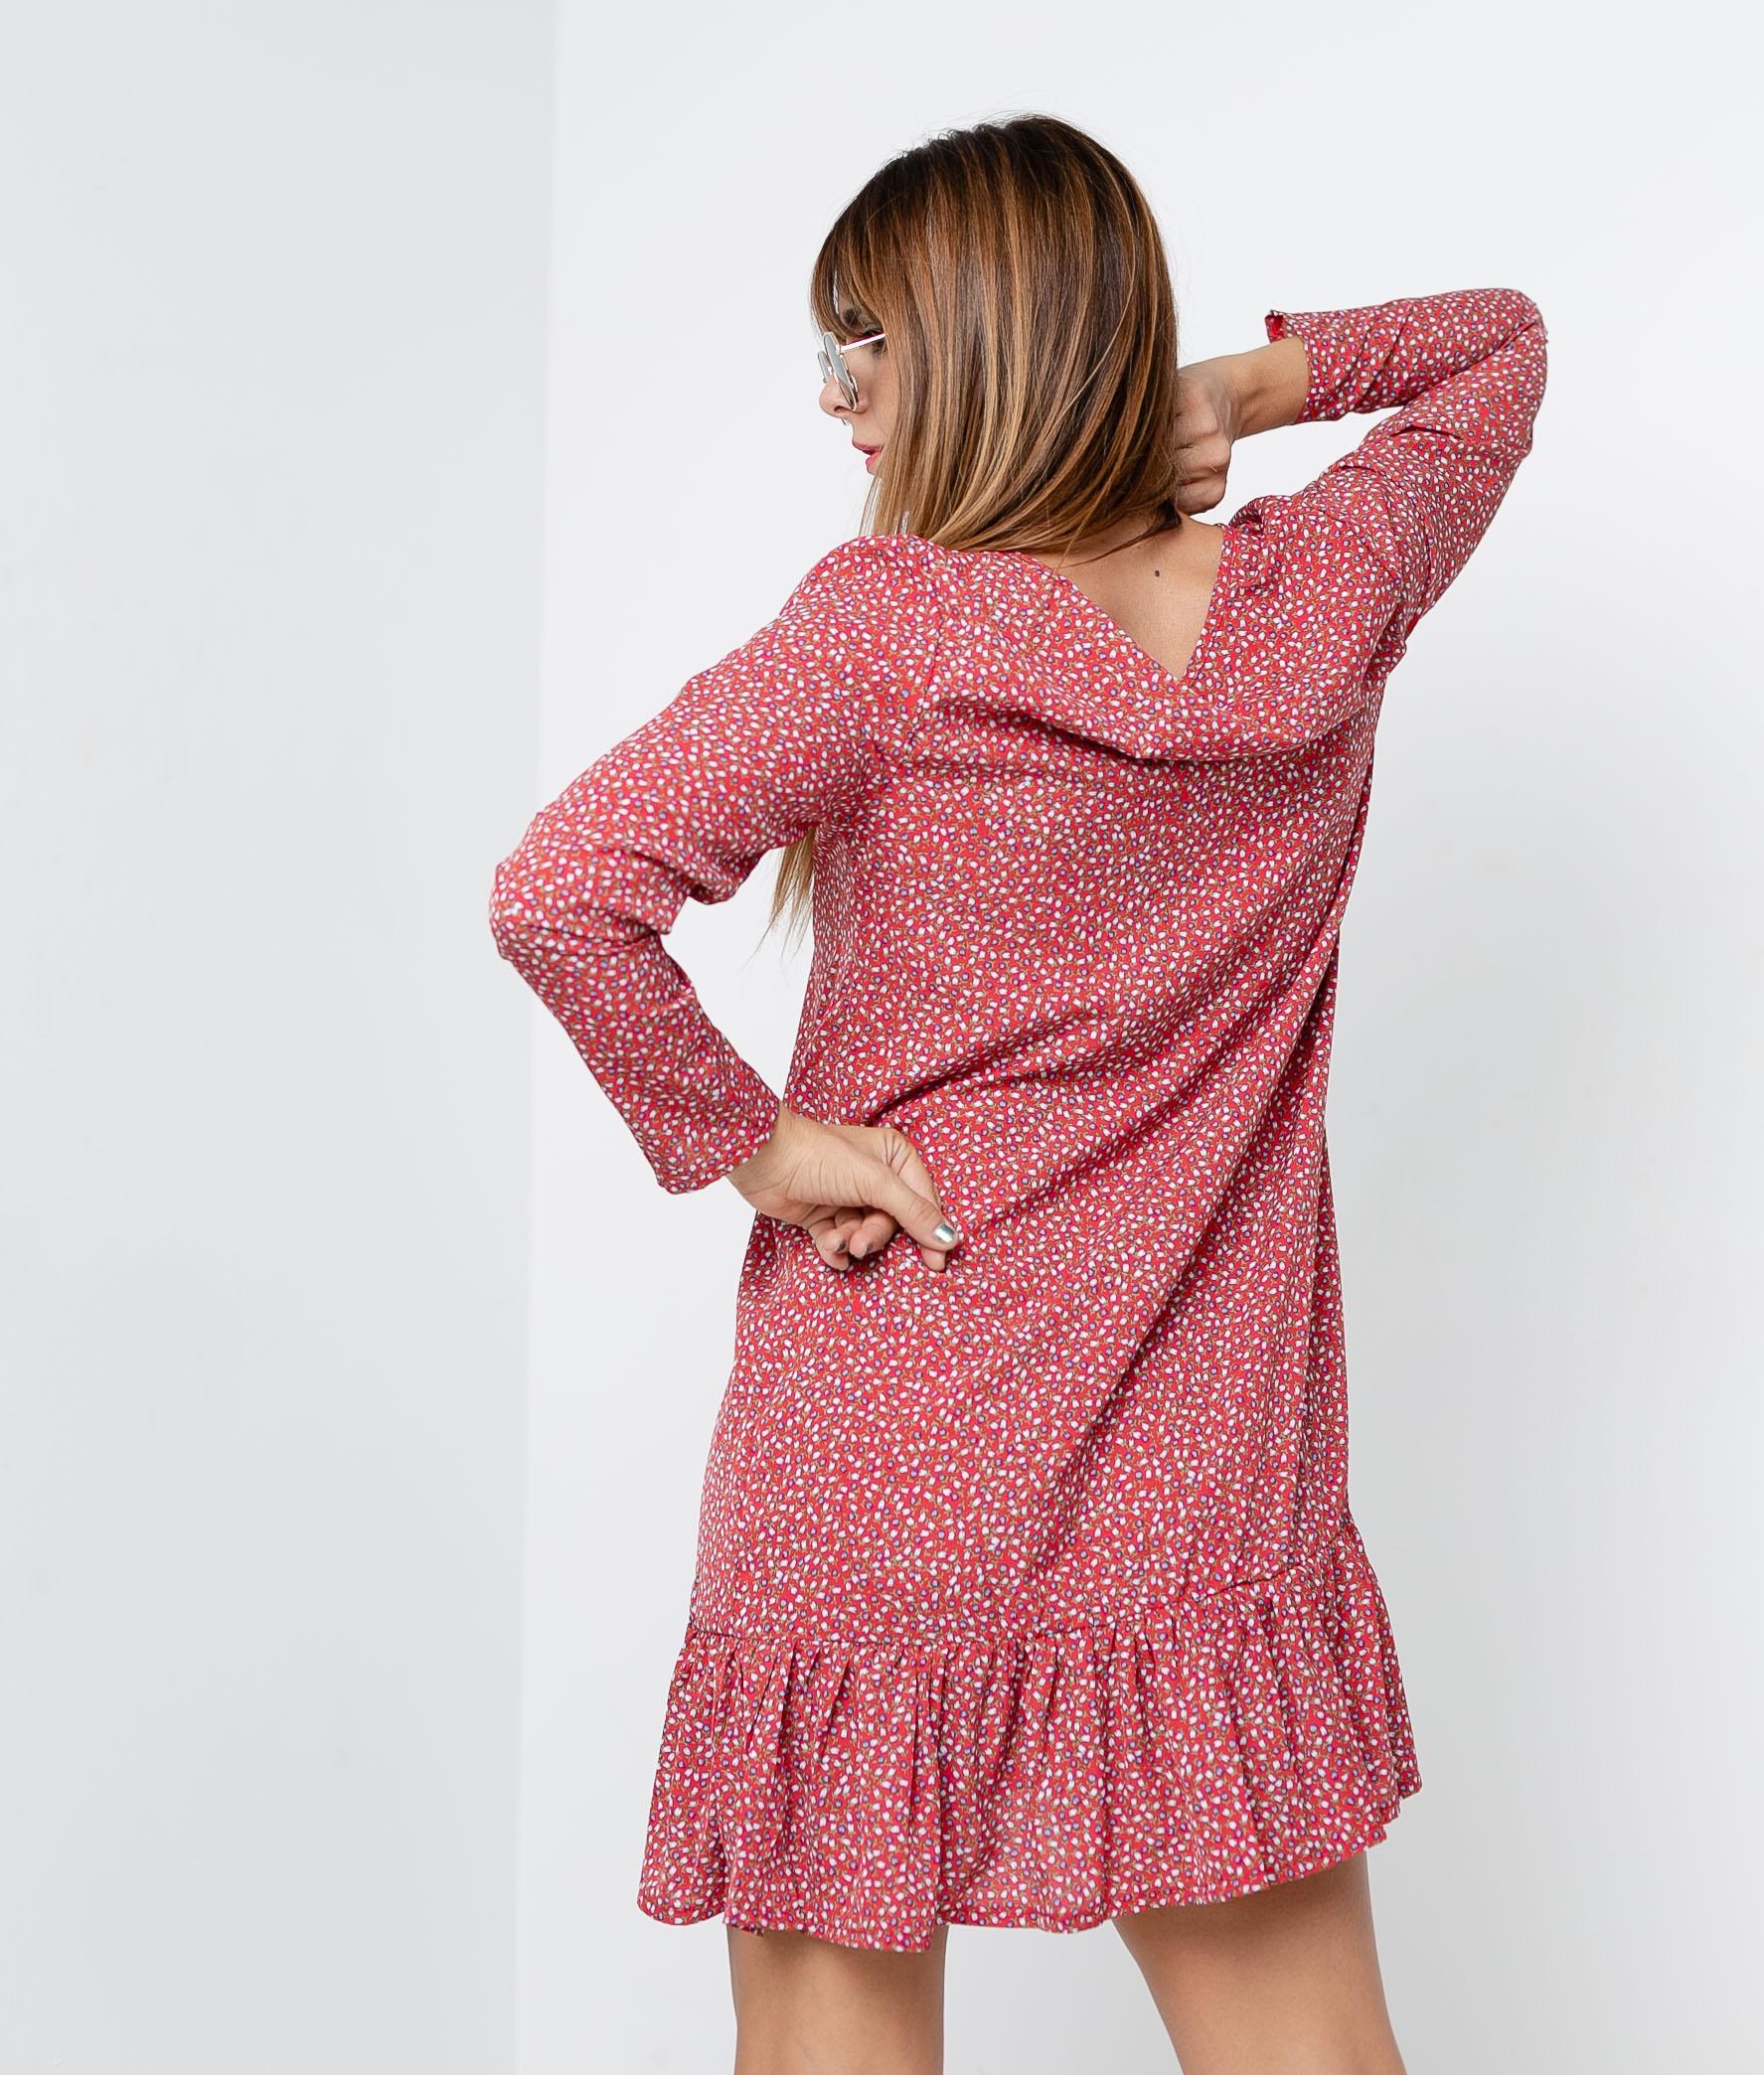 MÁLISEN DRESS - RED